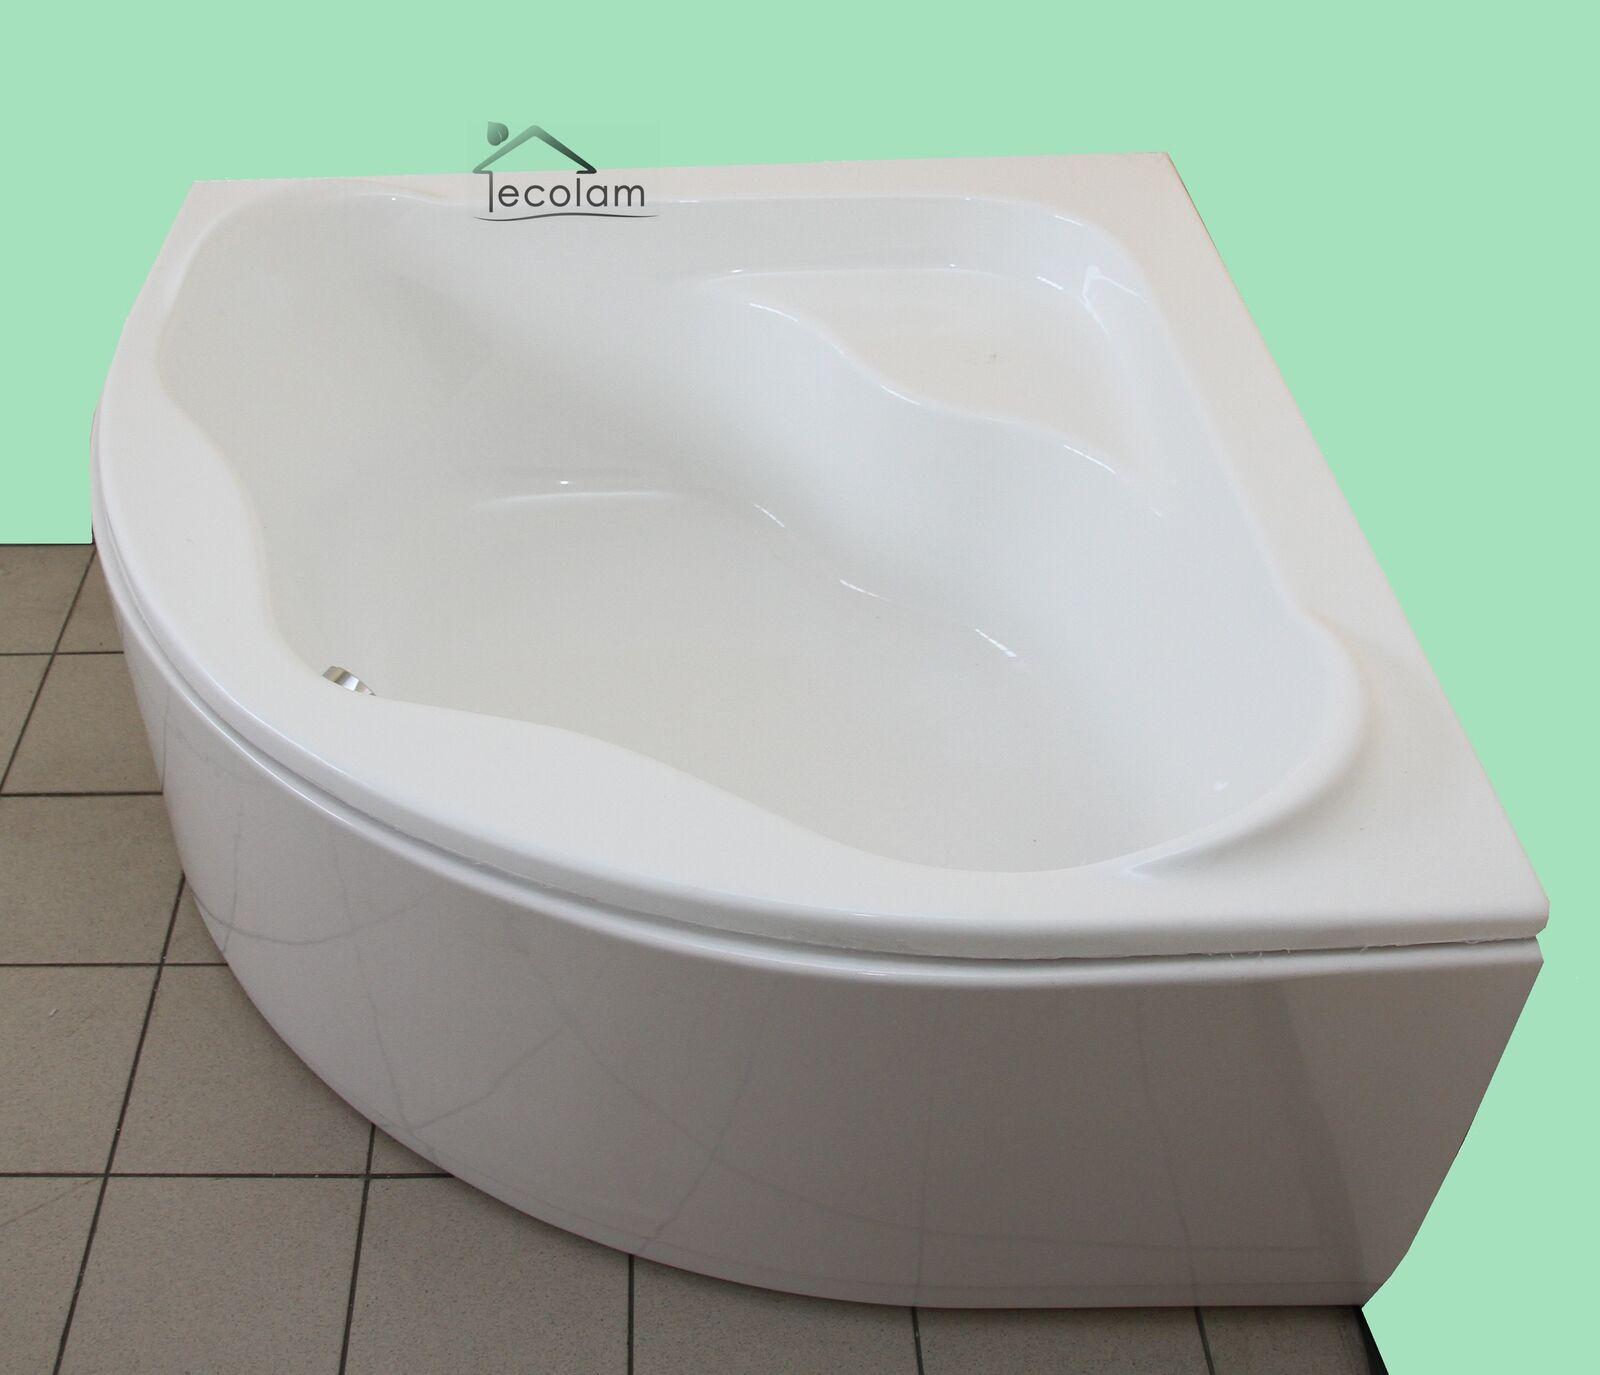 badewanne eckbadewanne 150 x 150 cm sch rze f e ablauf symmetrisch acryl s eur 398 99. Black Bedroom Furniture Sets. Home Design Ideas